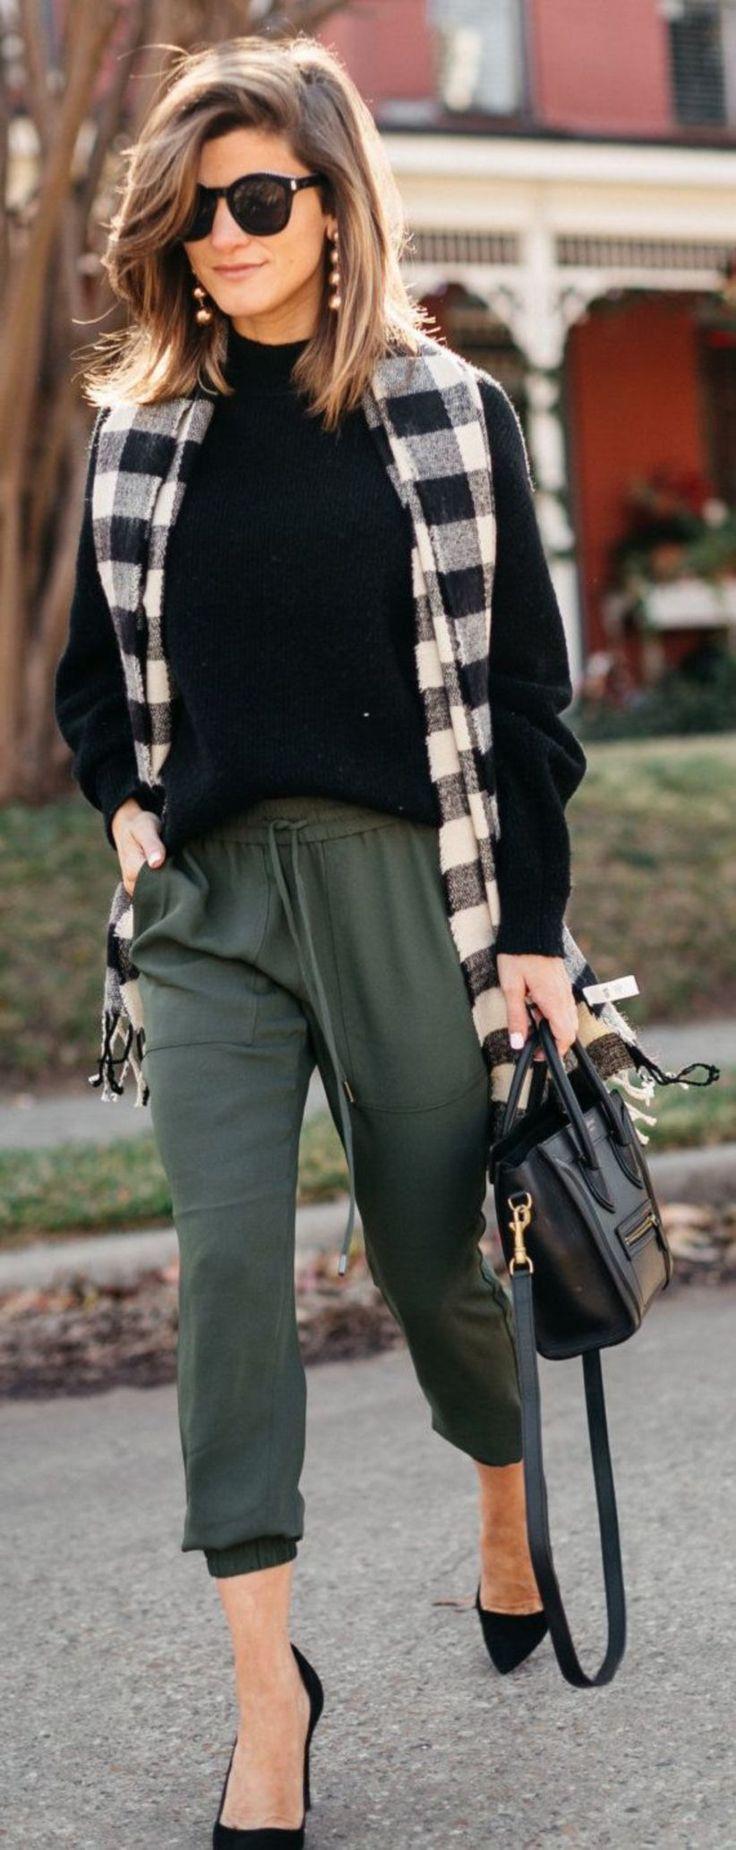 Kopieren Sie den Look von Emilia Clarke: 4 Styles, die Sie für raffinierte Outfits inspirieren und